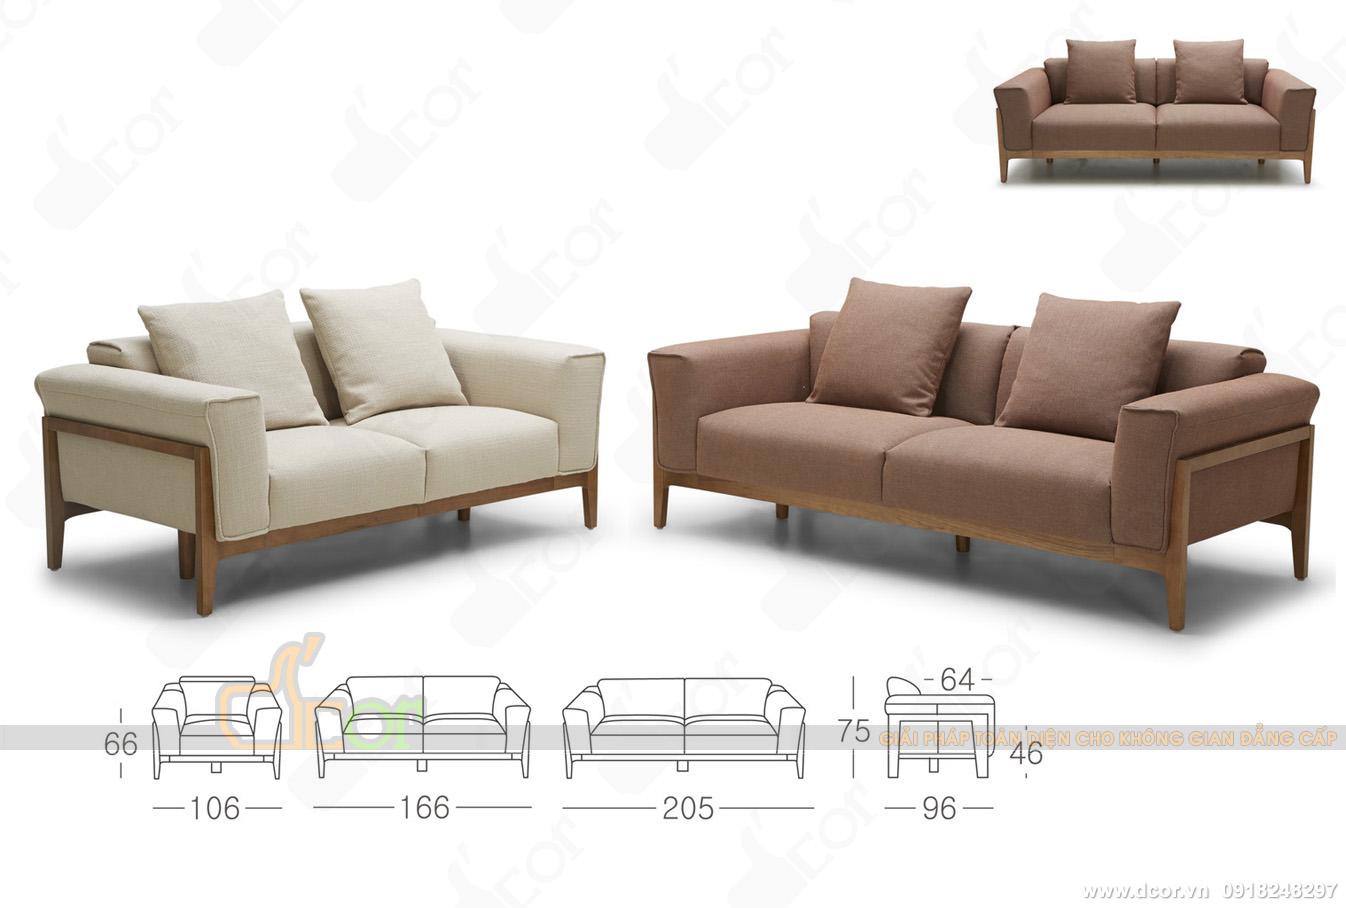 12 mẫu sofa văng nỉ giá rẻ Hà Nội hot nhất 2018-05